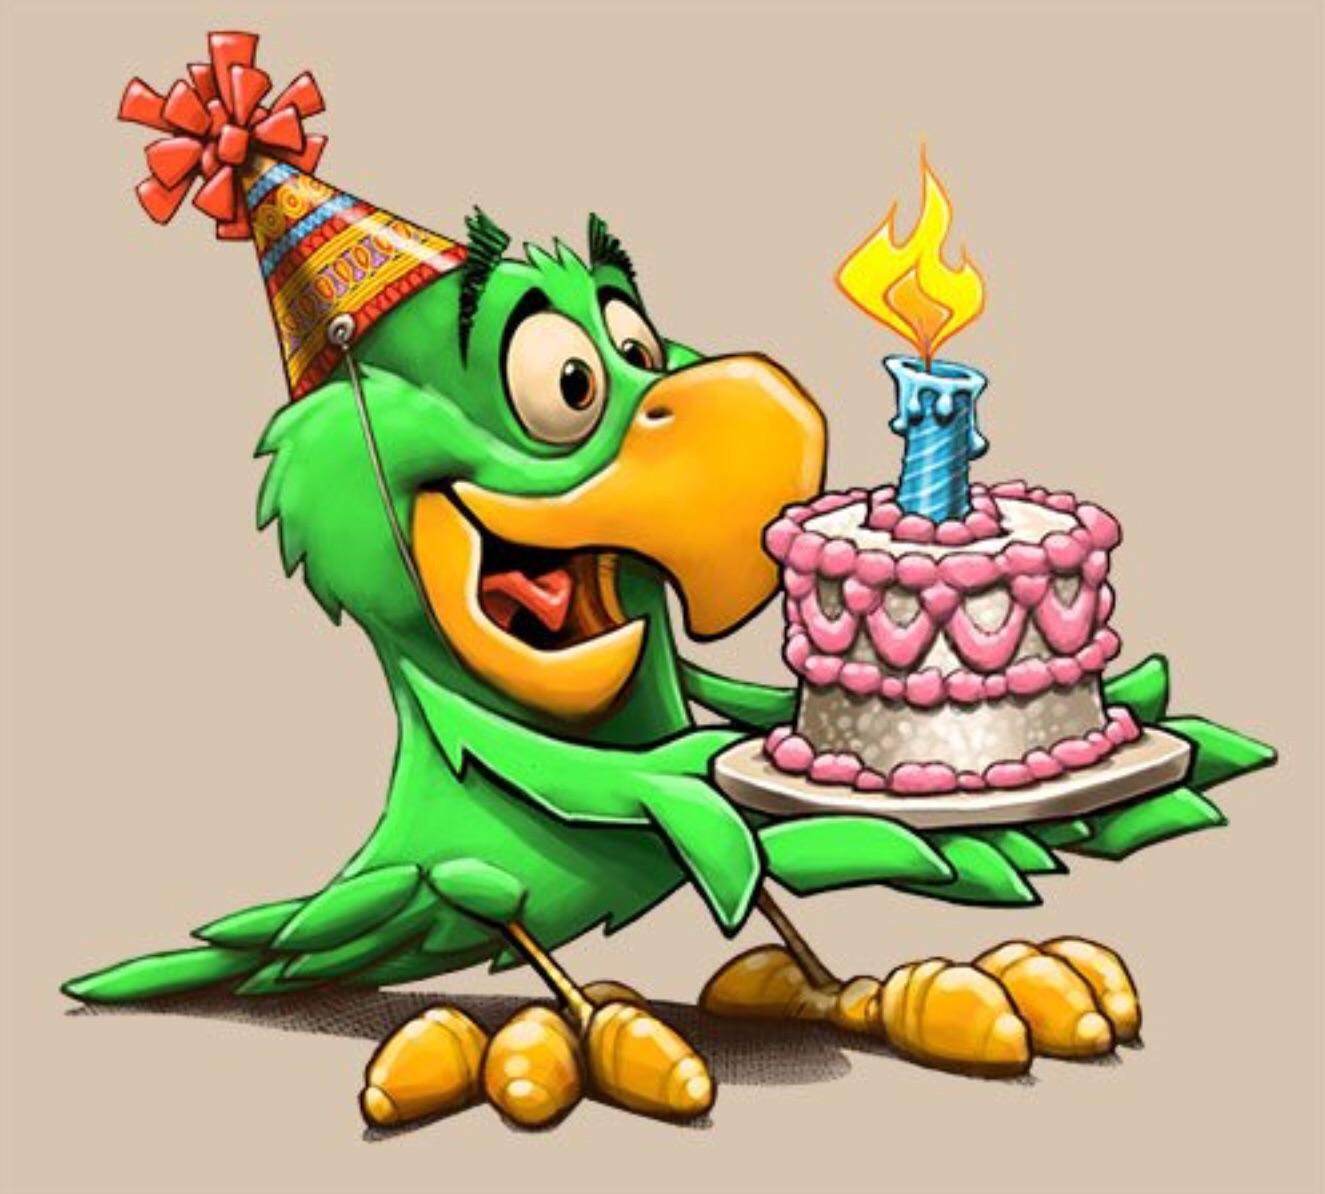 Открытки с днем рождения анимационные мультфильмы